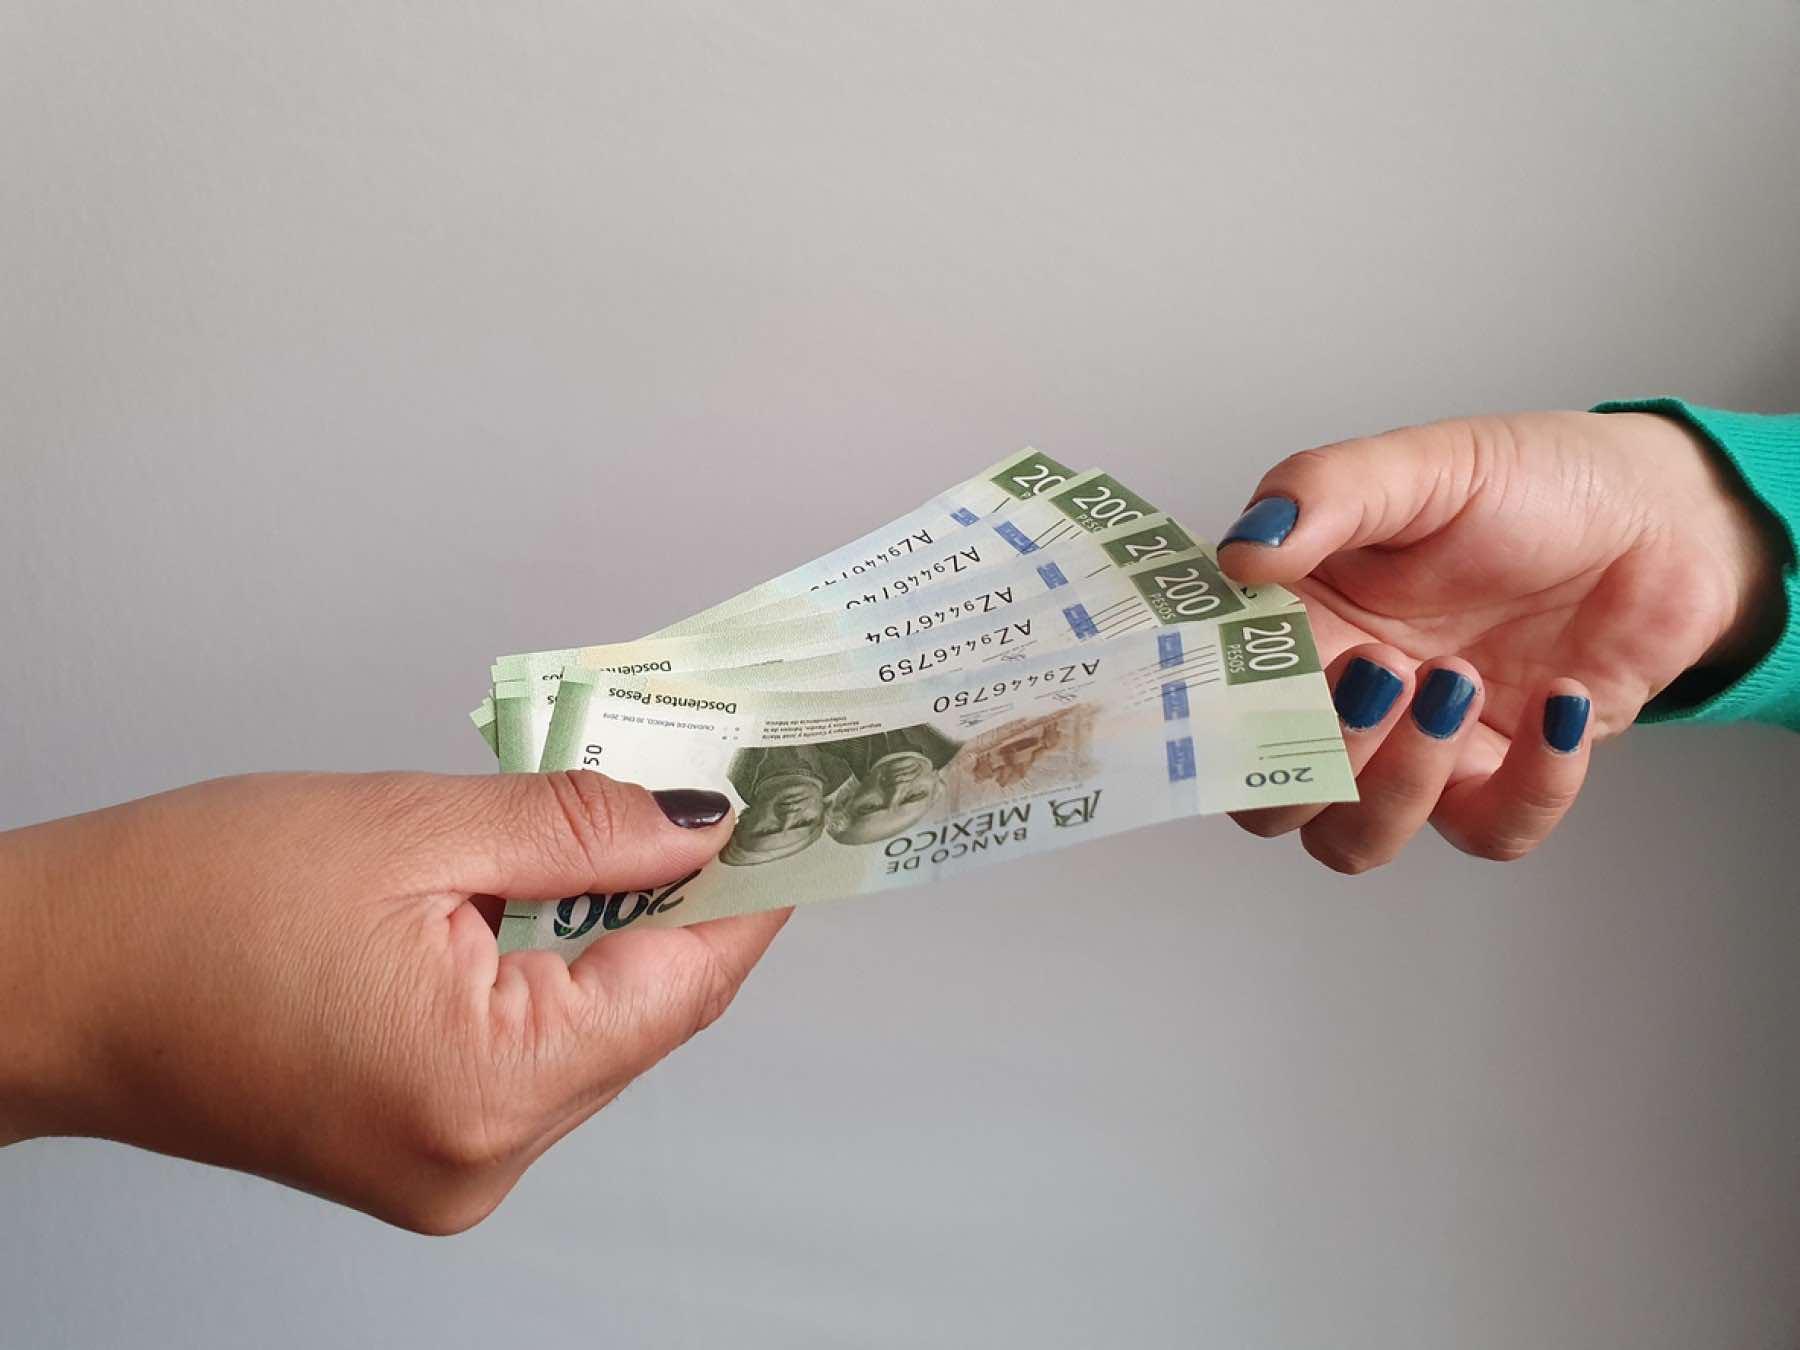 Nuevo confinamiento pegará a trabajadores: prevén recortes salariales y de plantillas